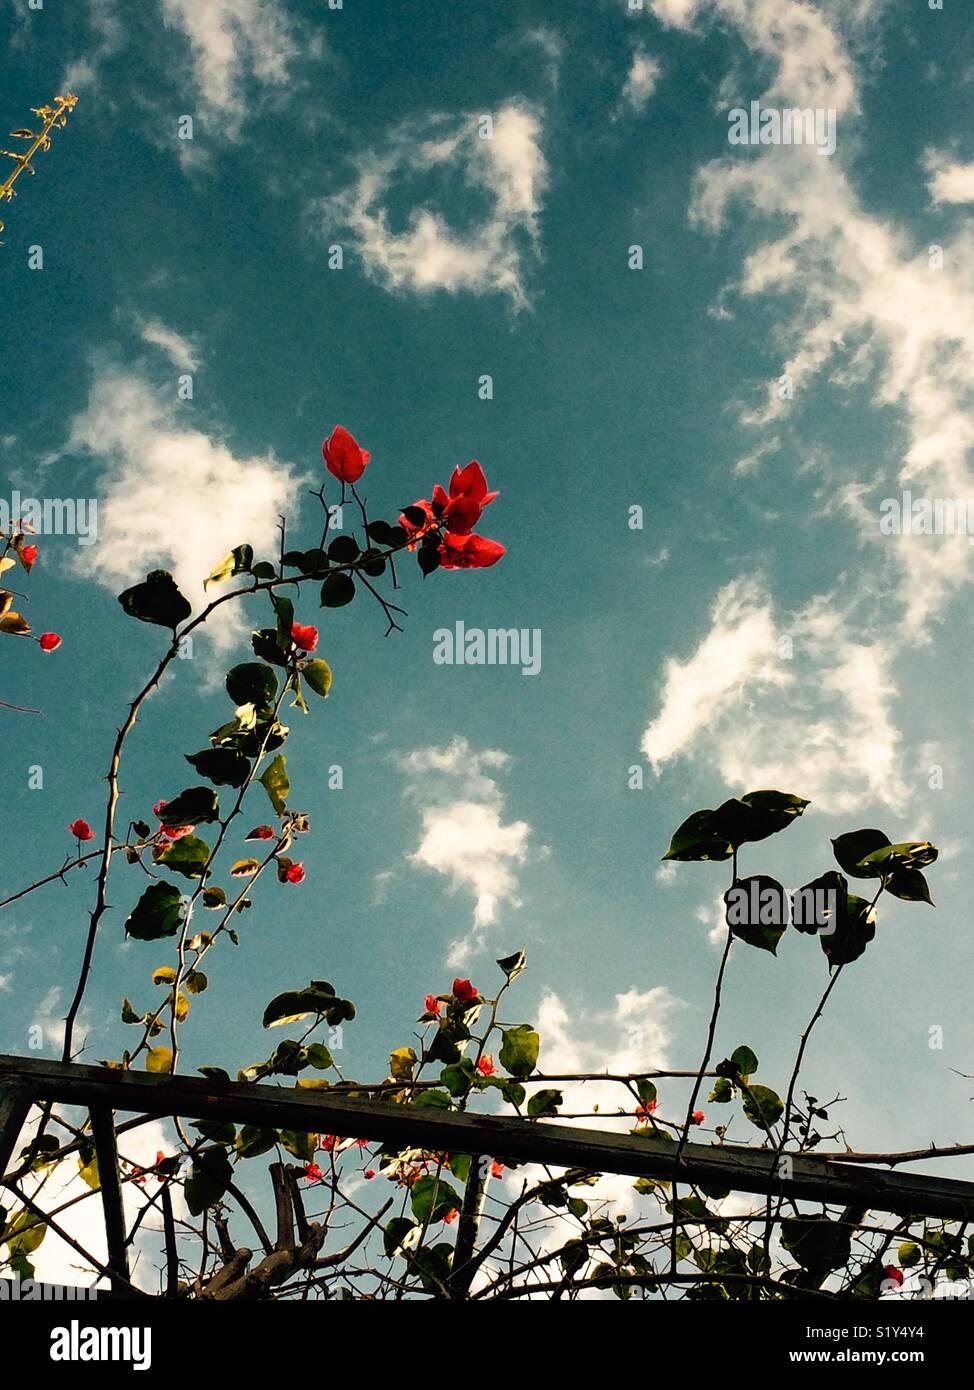 Brisa de verano Imagen De Stock